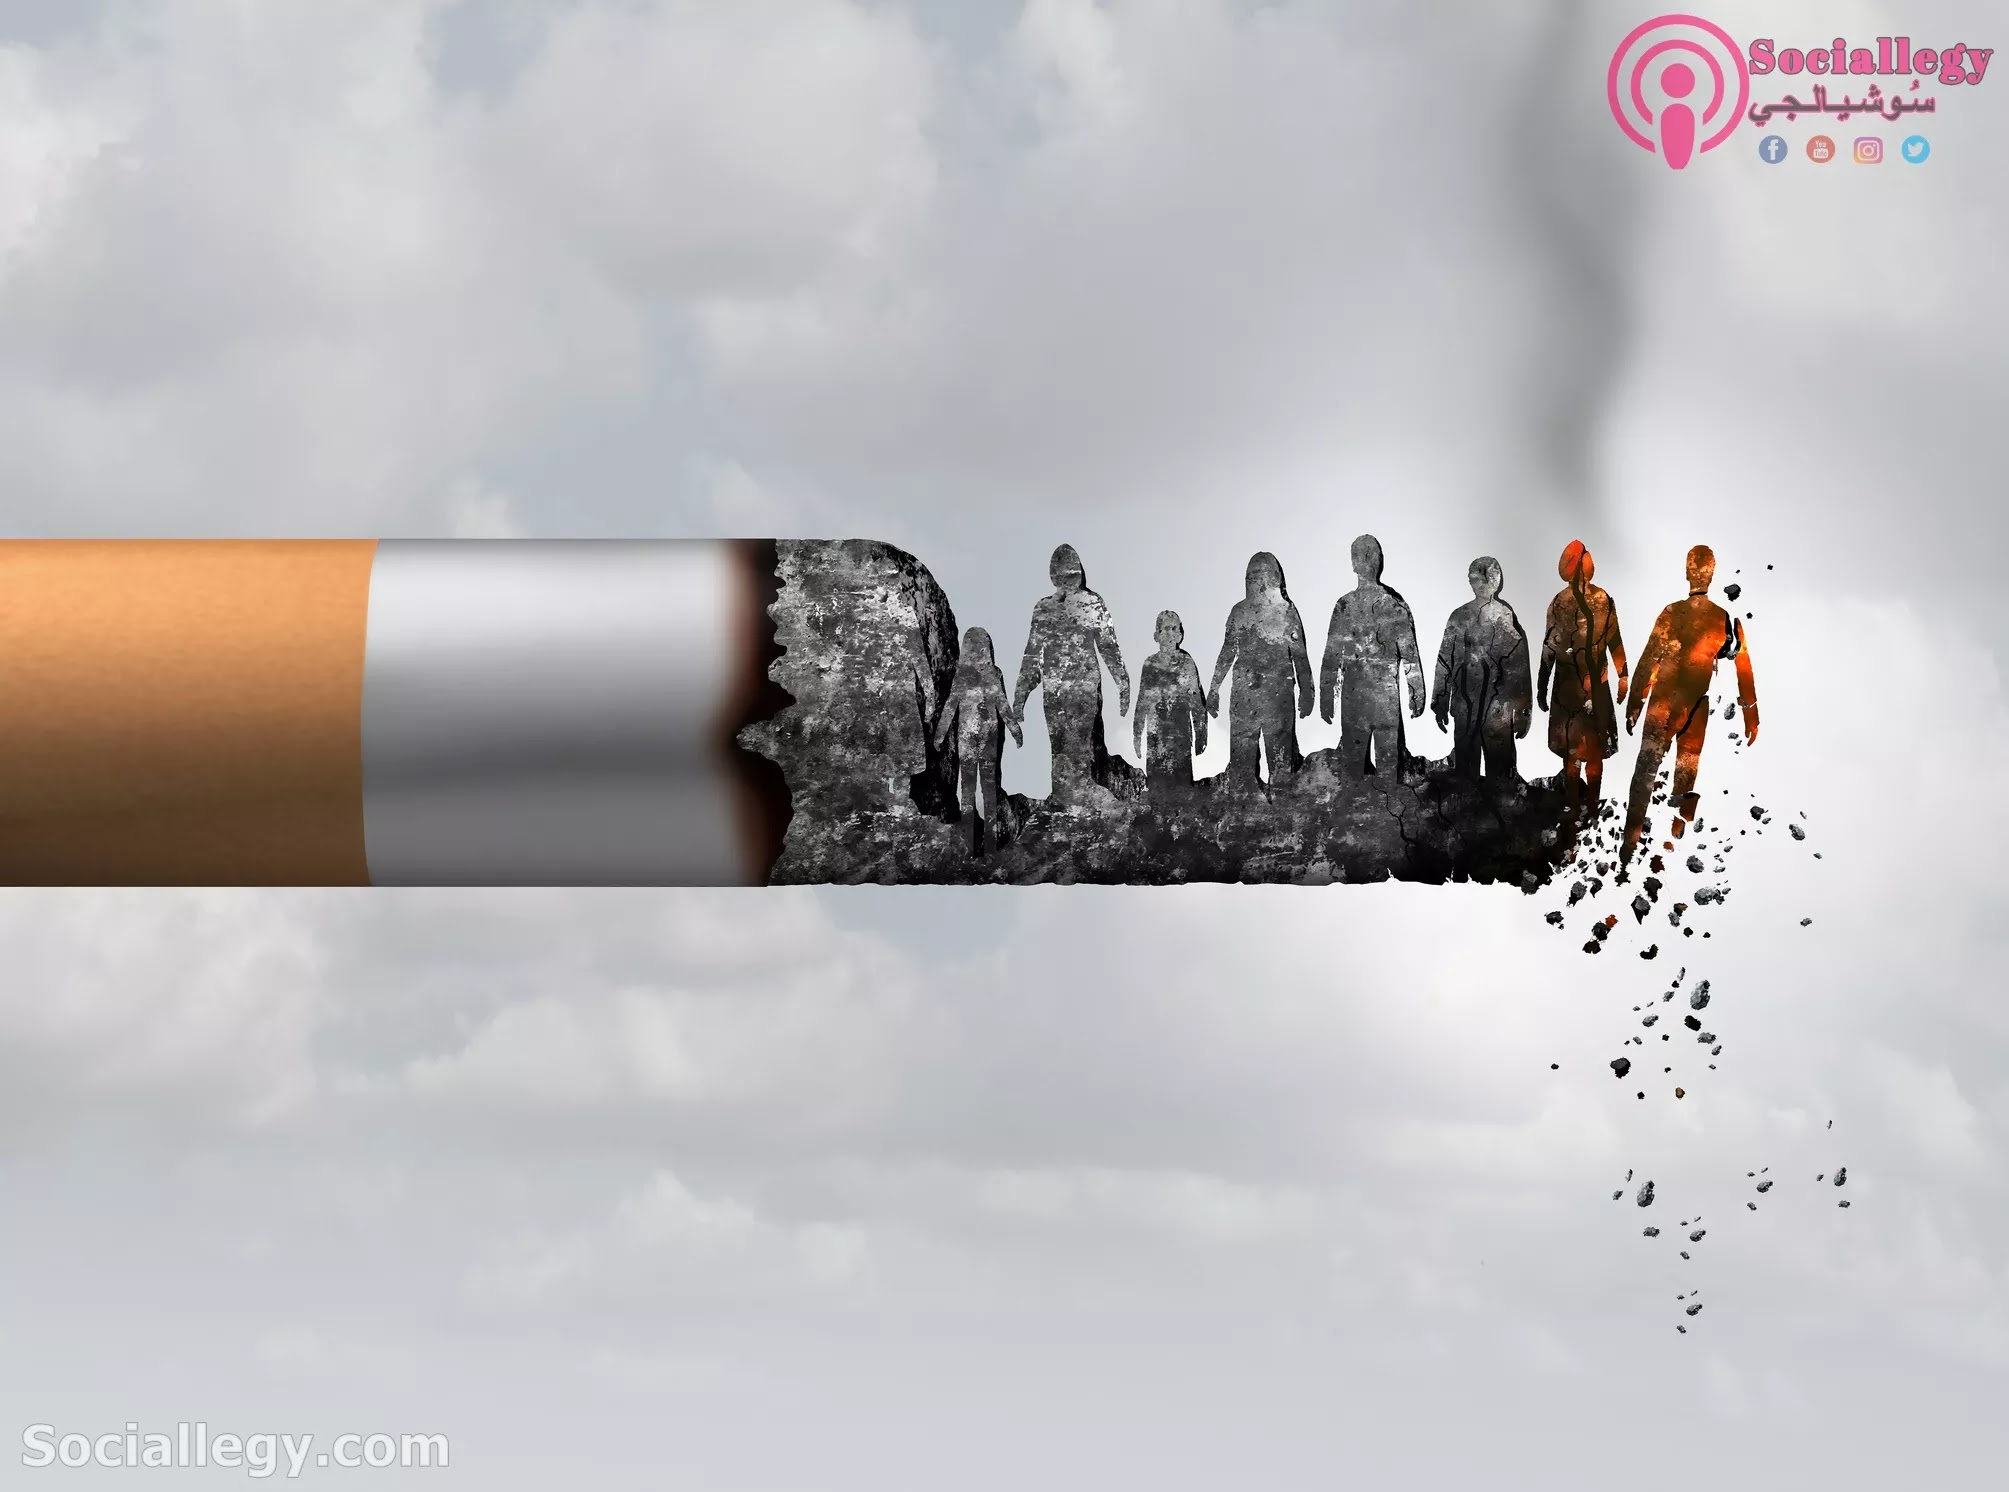 البحث عن حل لمشكلة التدخين